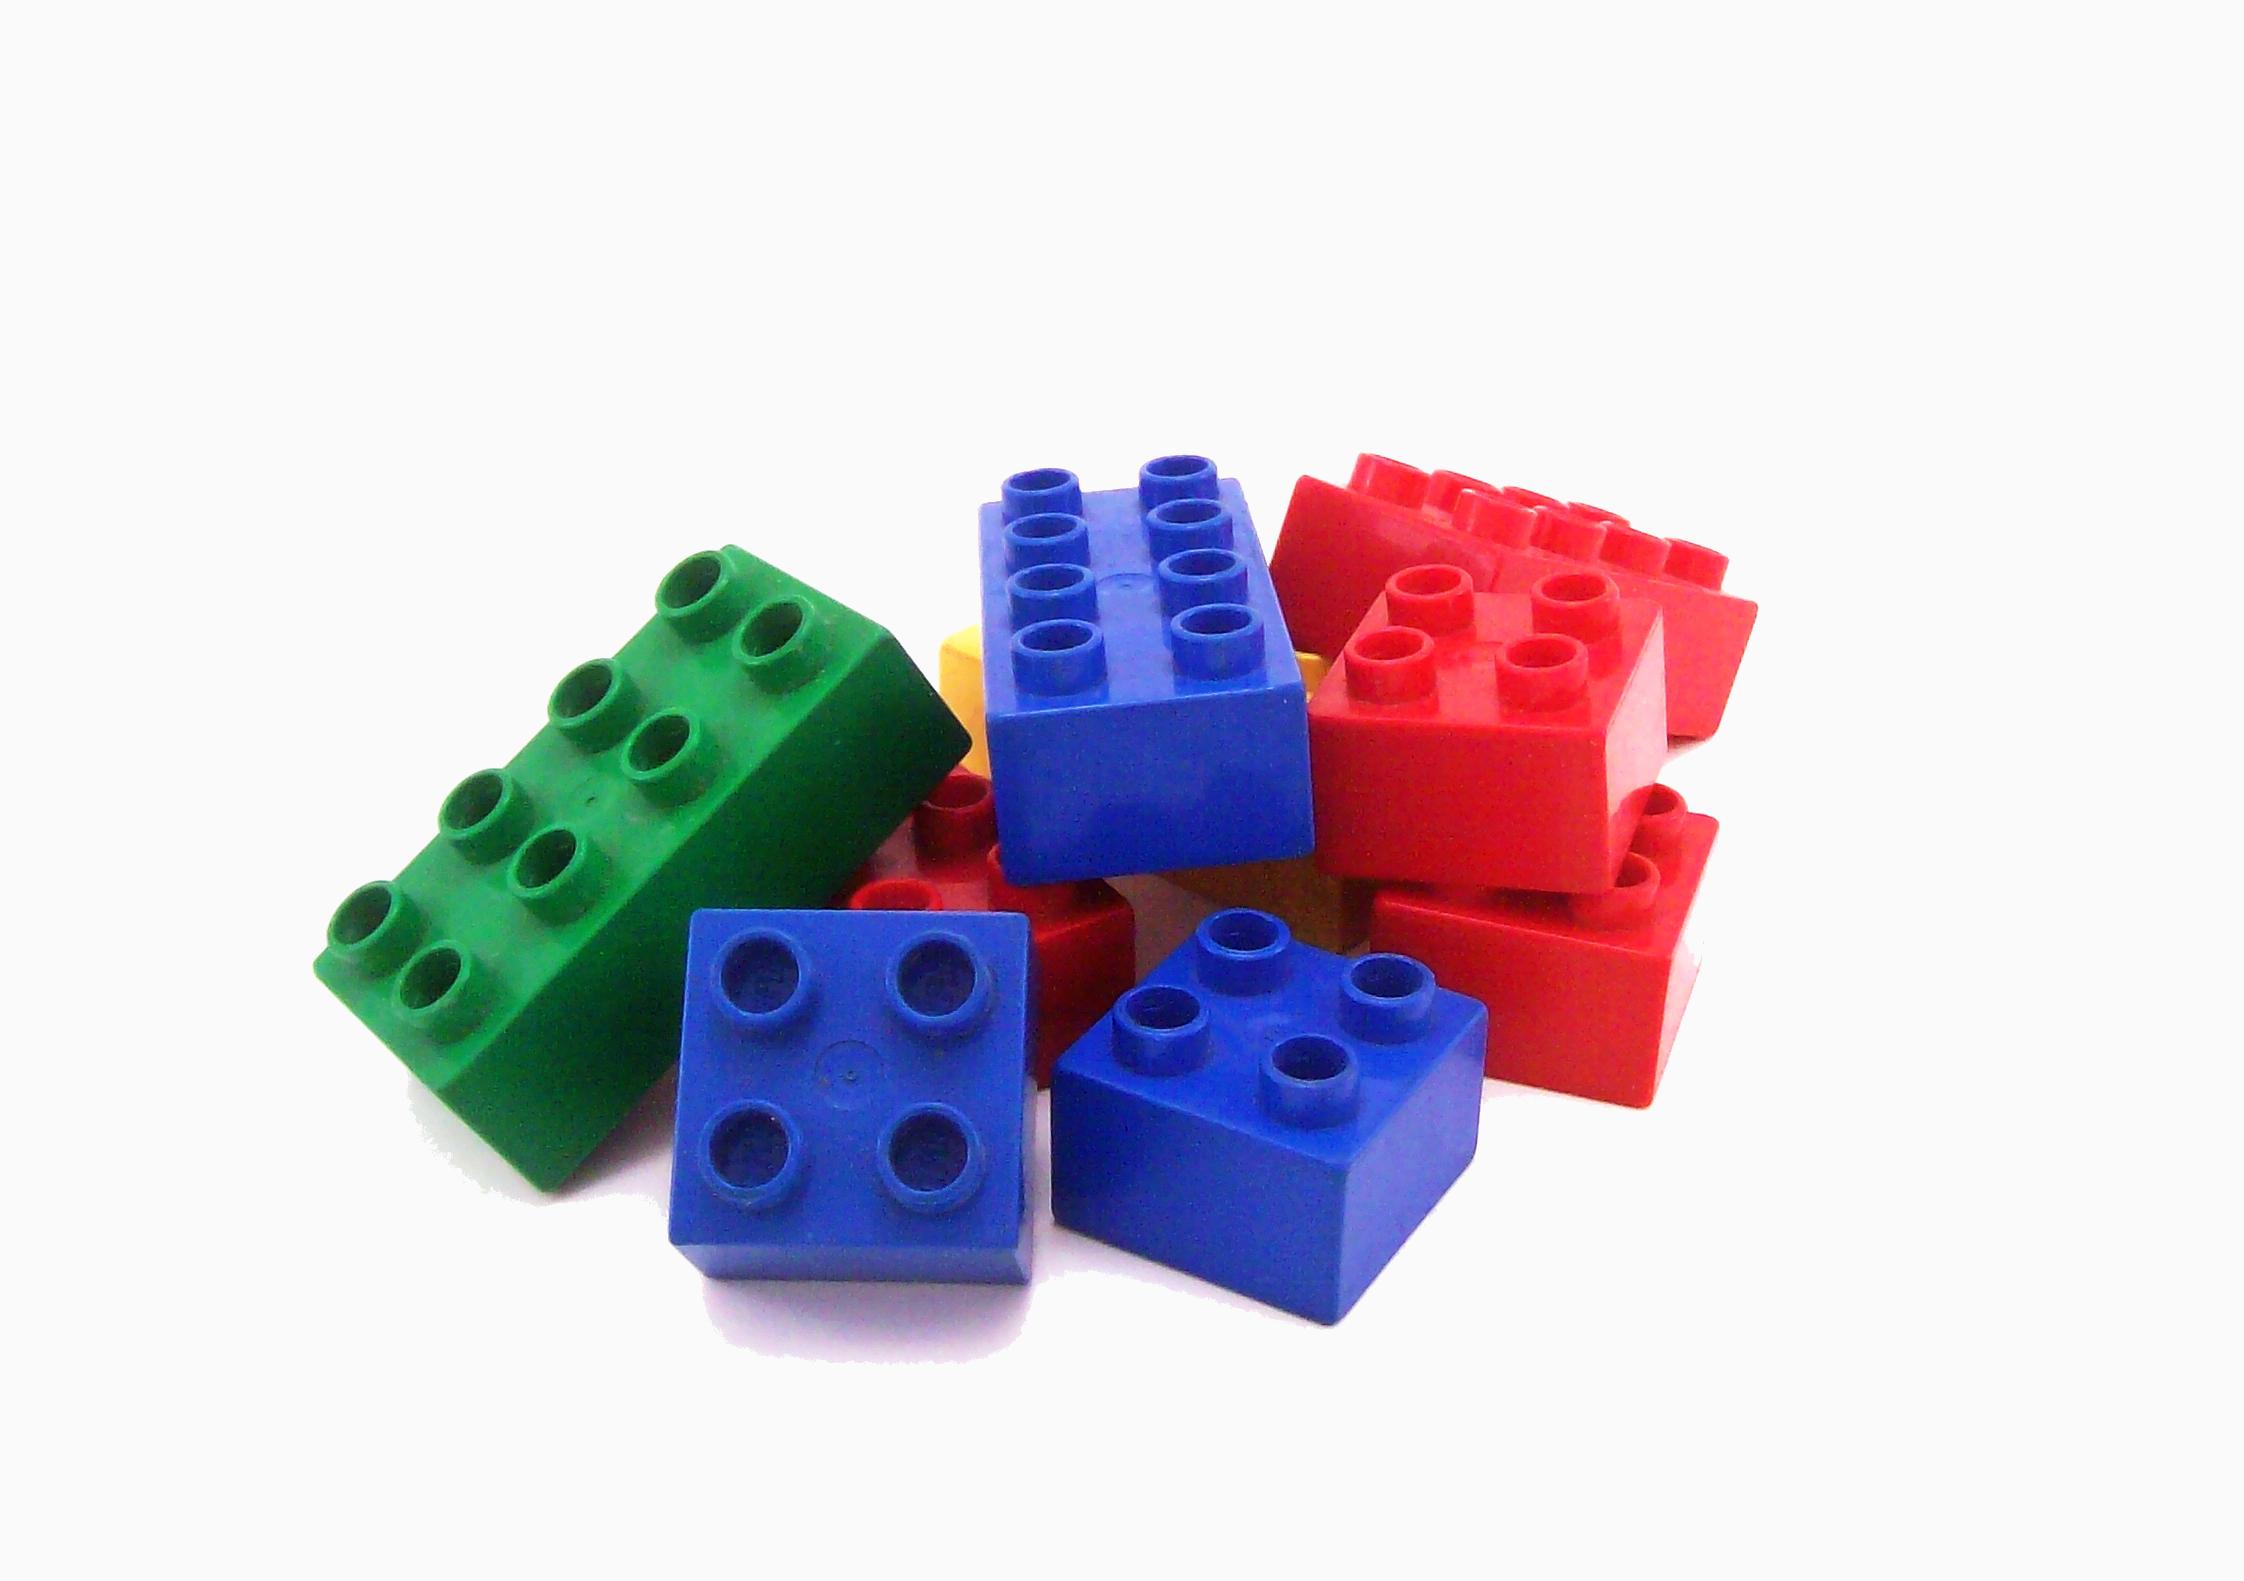 Lego borders the cliparts. Legos clipart clip art